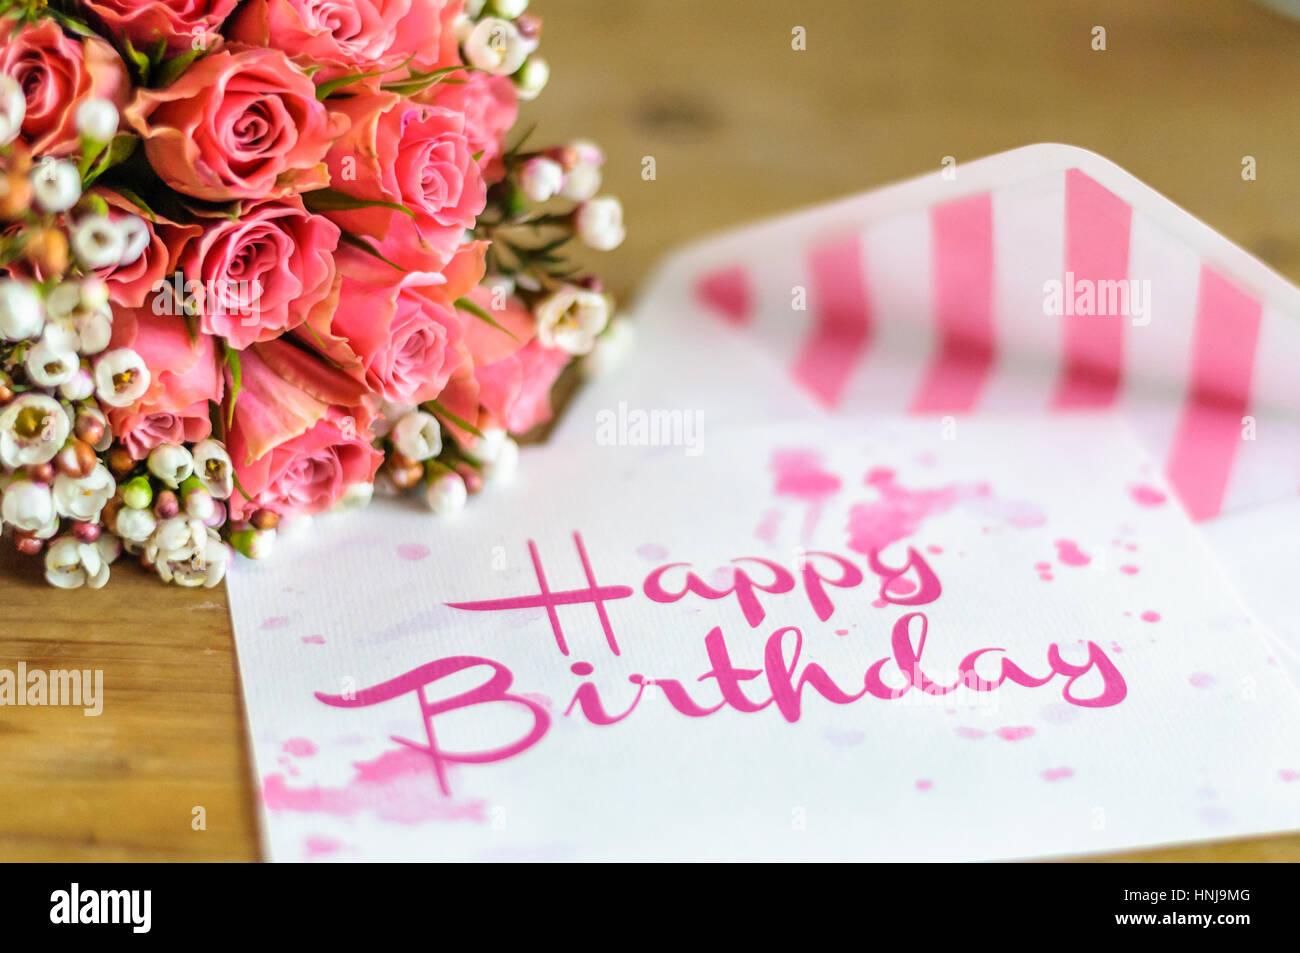 Joyeux Anniversaire Carte De Souhaits Avec Raccord Couleur Bouquet De Fleurs Photo Stock Alamy